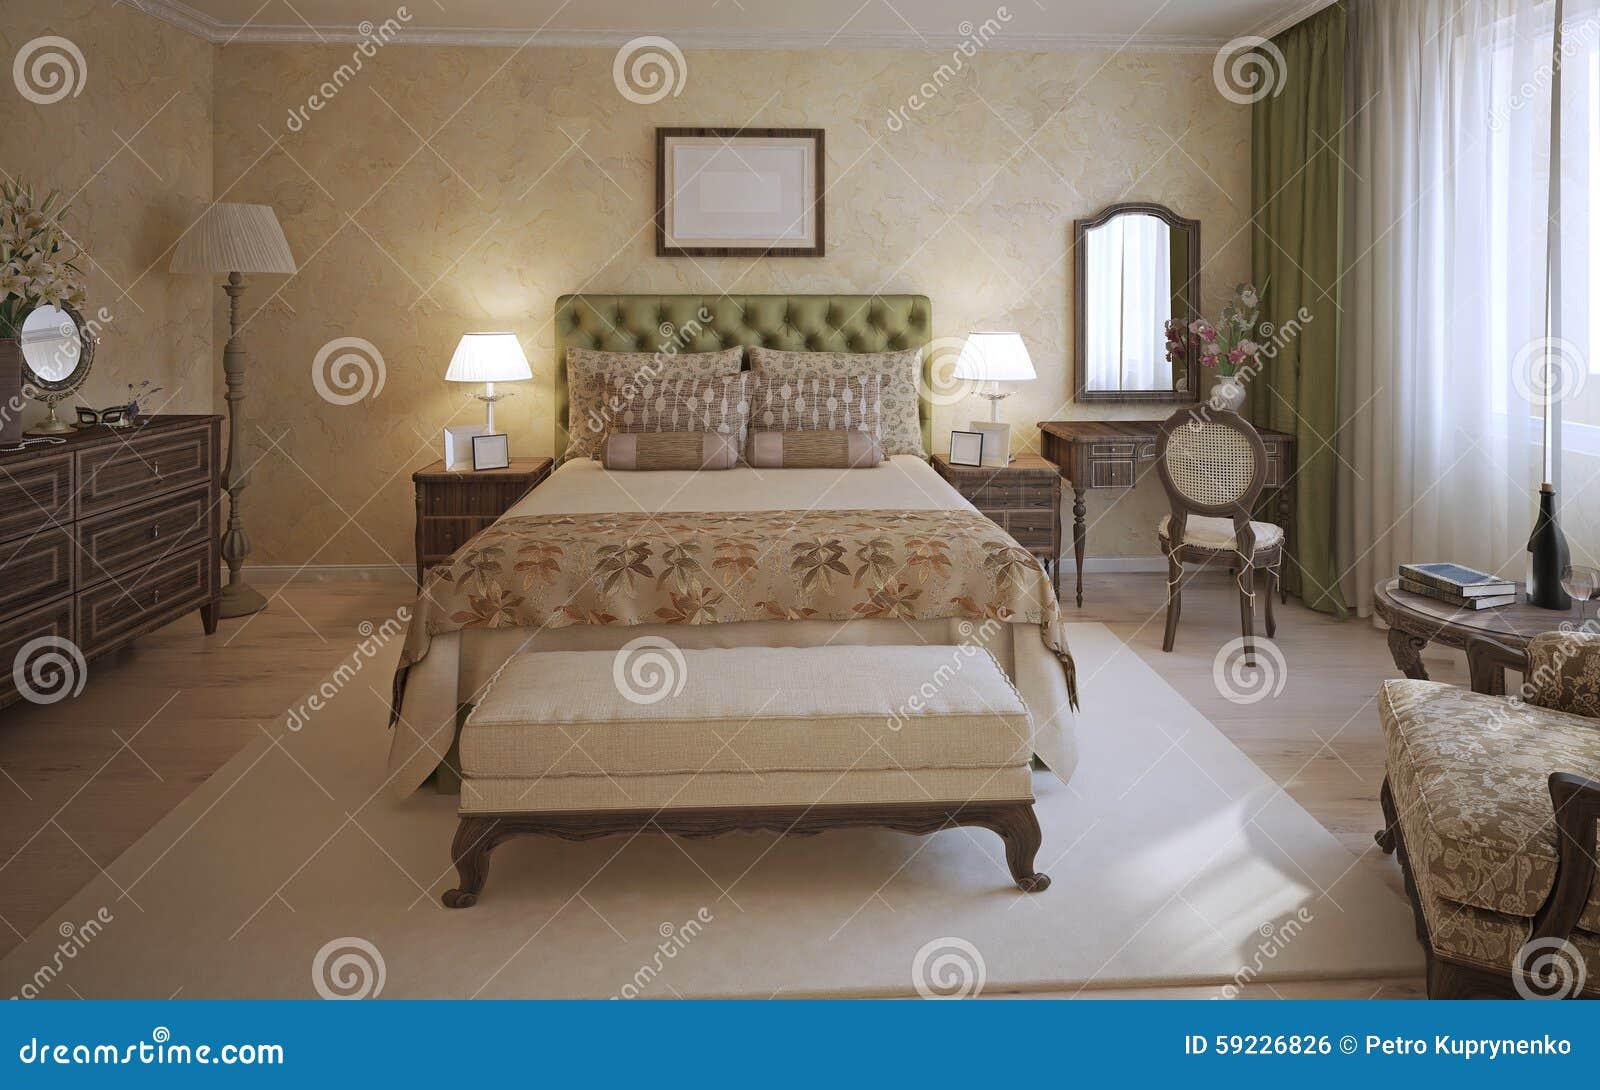 Download Estilo Del Inglés Del Dormitorio Principal Stock de ilustración - Ilustración de muebles, dormitorio: 59226826